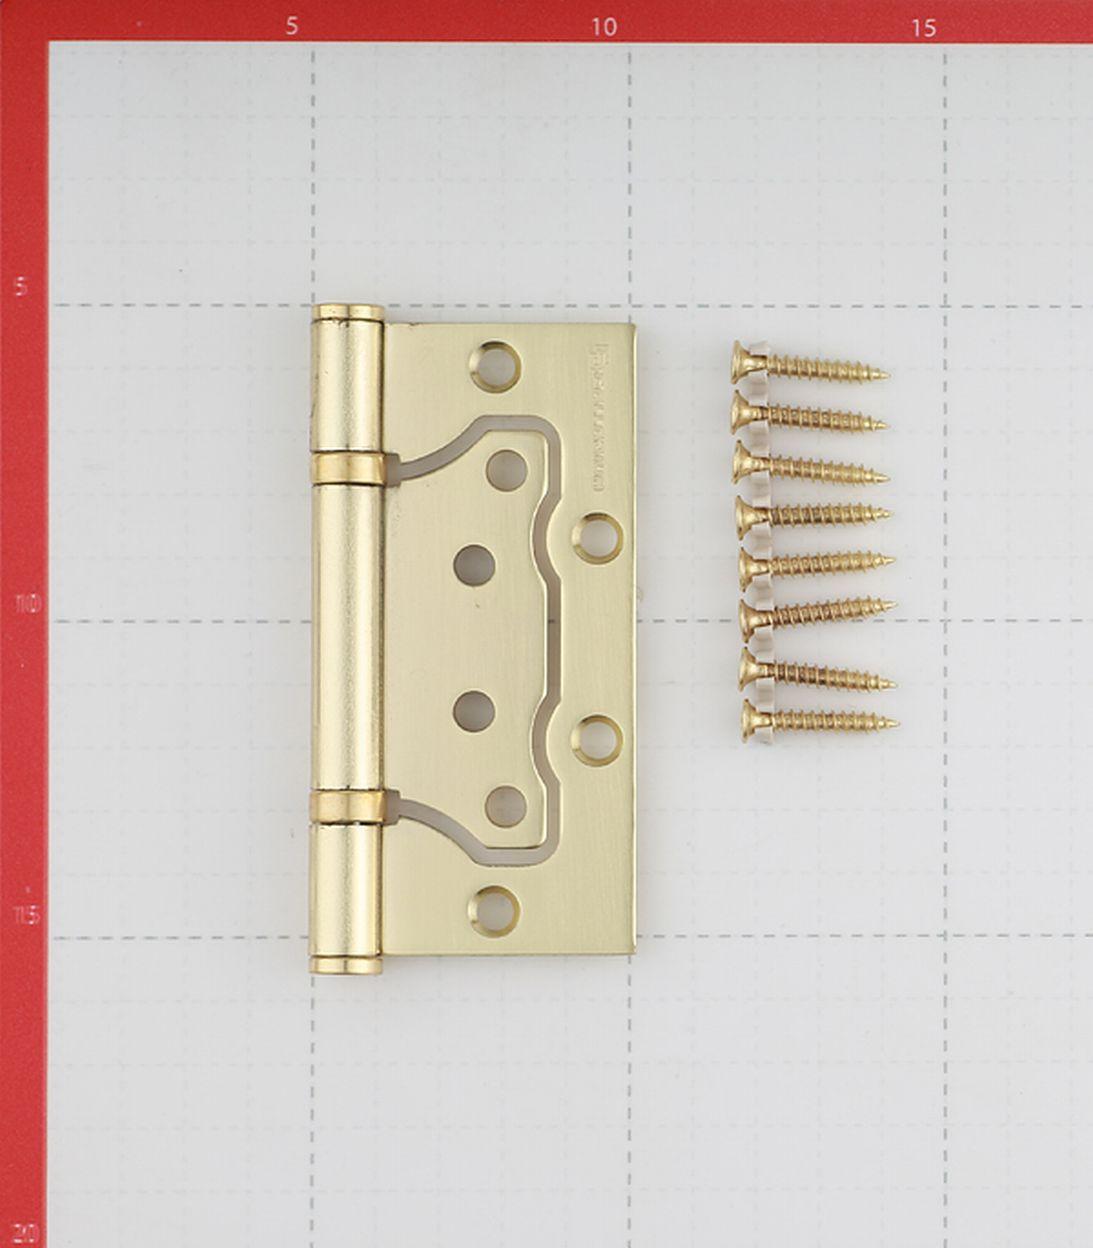 Петля Palladium 2BB-100 SB бабочка универсальная неразъемная 100х75 мм матовая латунь